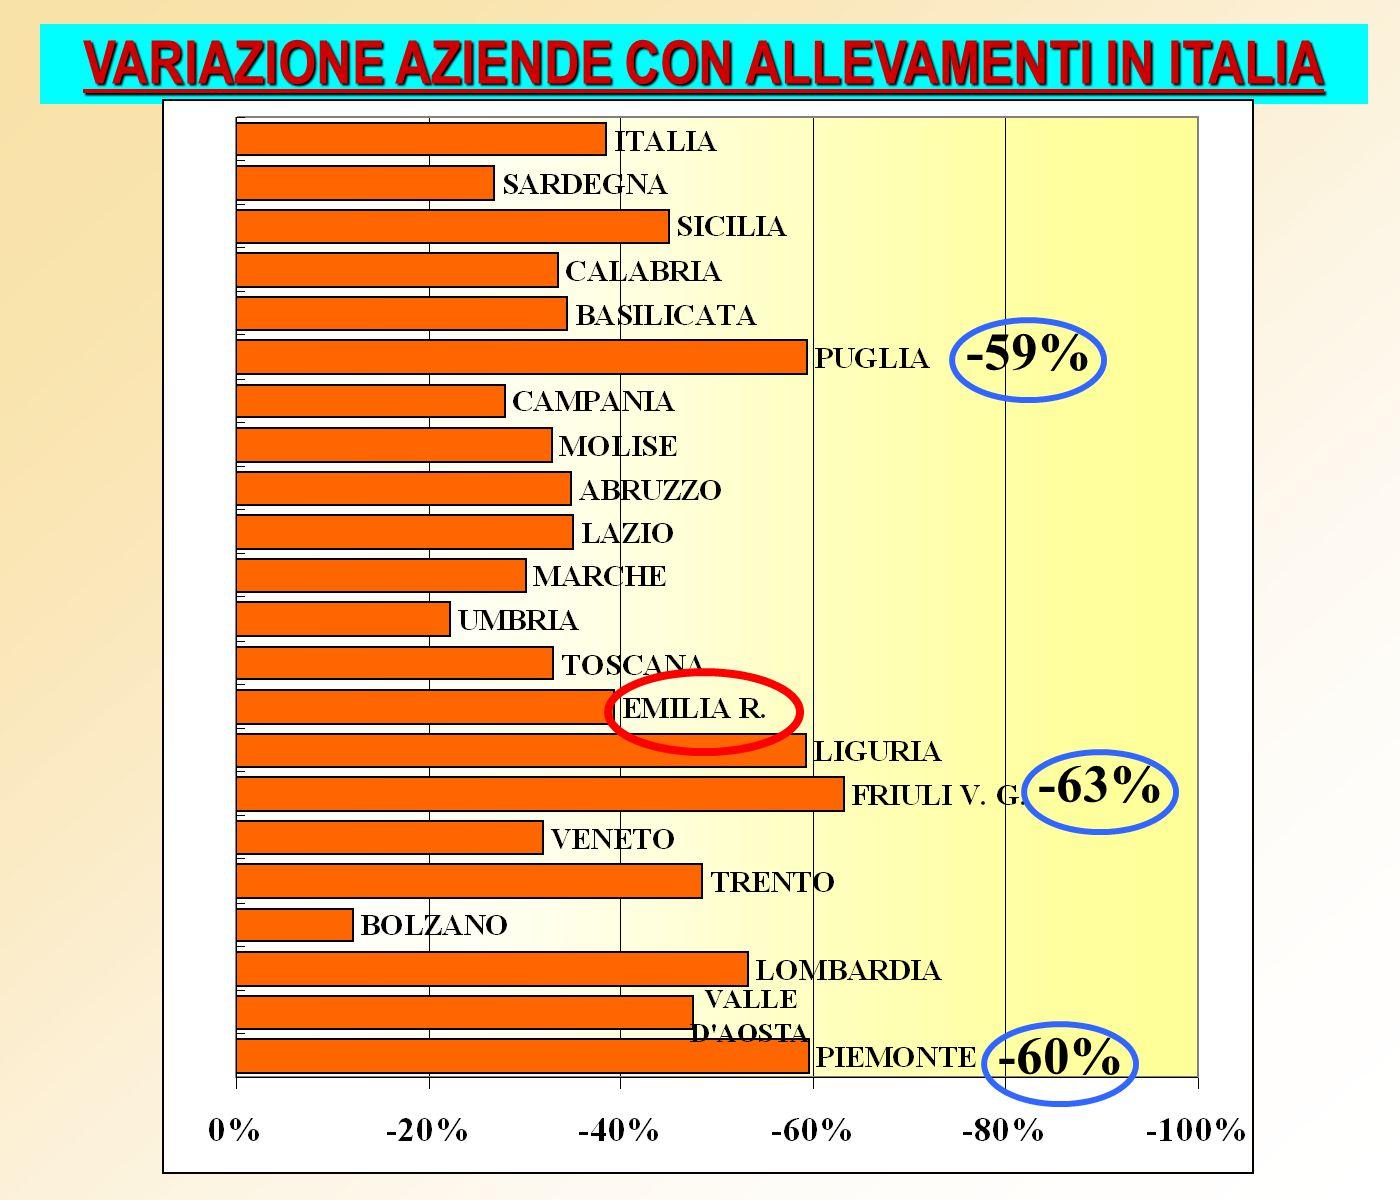 VARIAZIONE AZIENDE CON ALLEVAMENTI IN ITALIA -59% -63% -60%